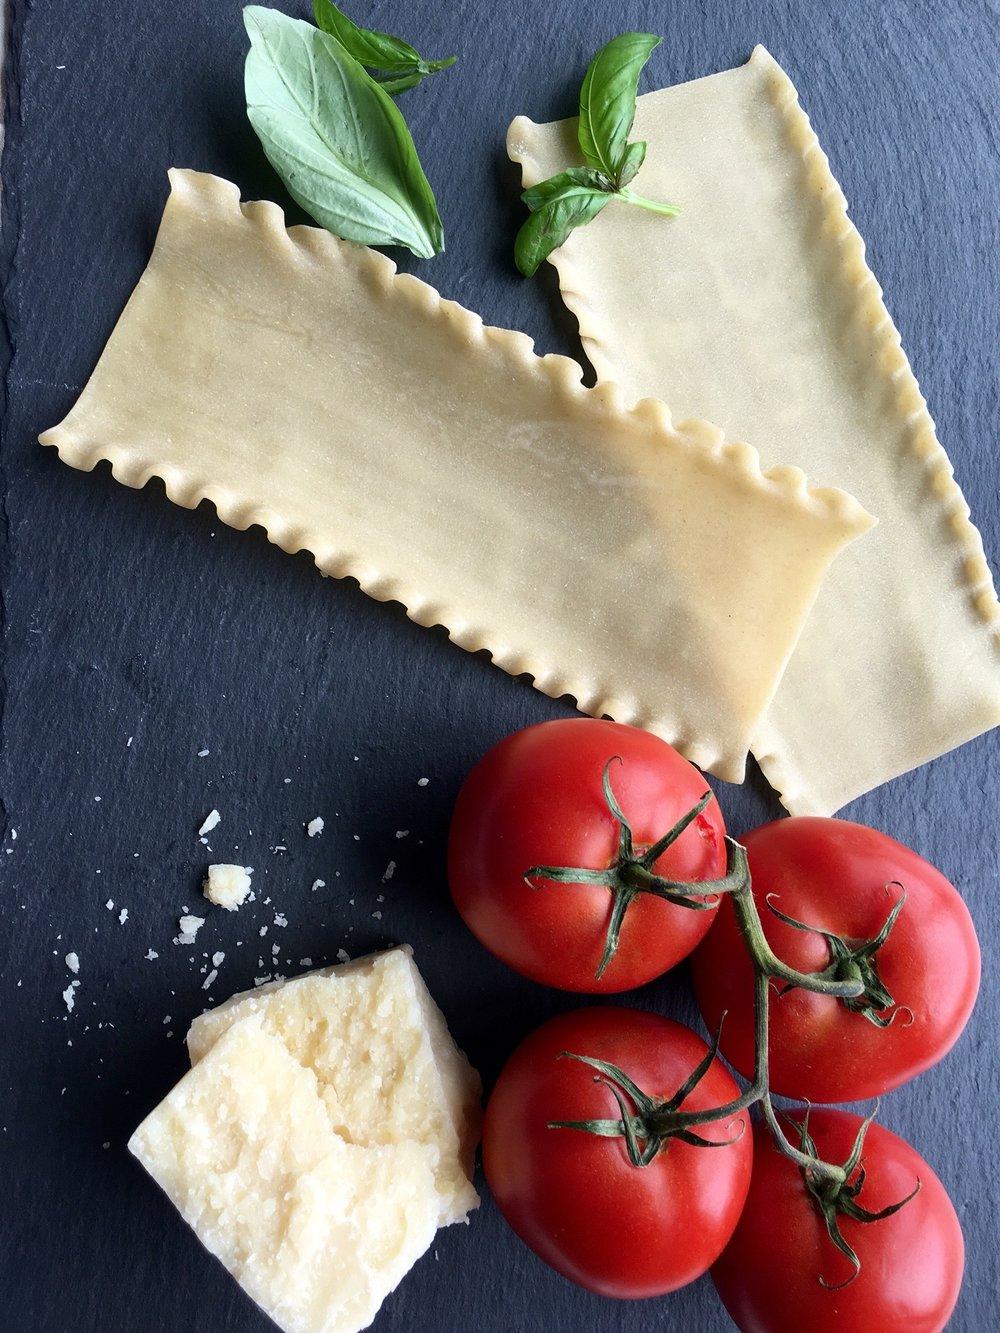 Easy Italian Night Dinner Party Plan Plus My Go To Vinaigrette